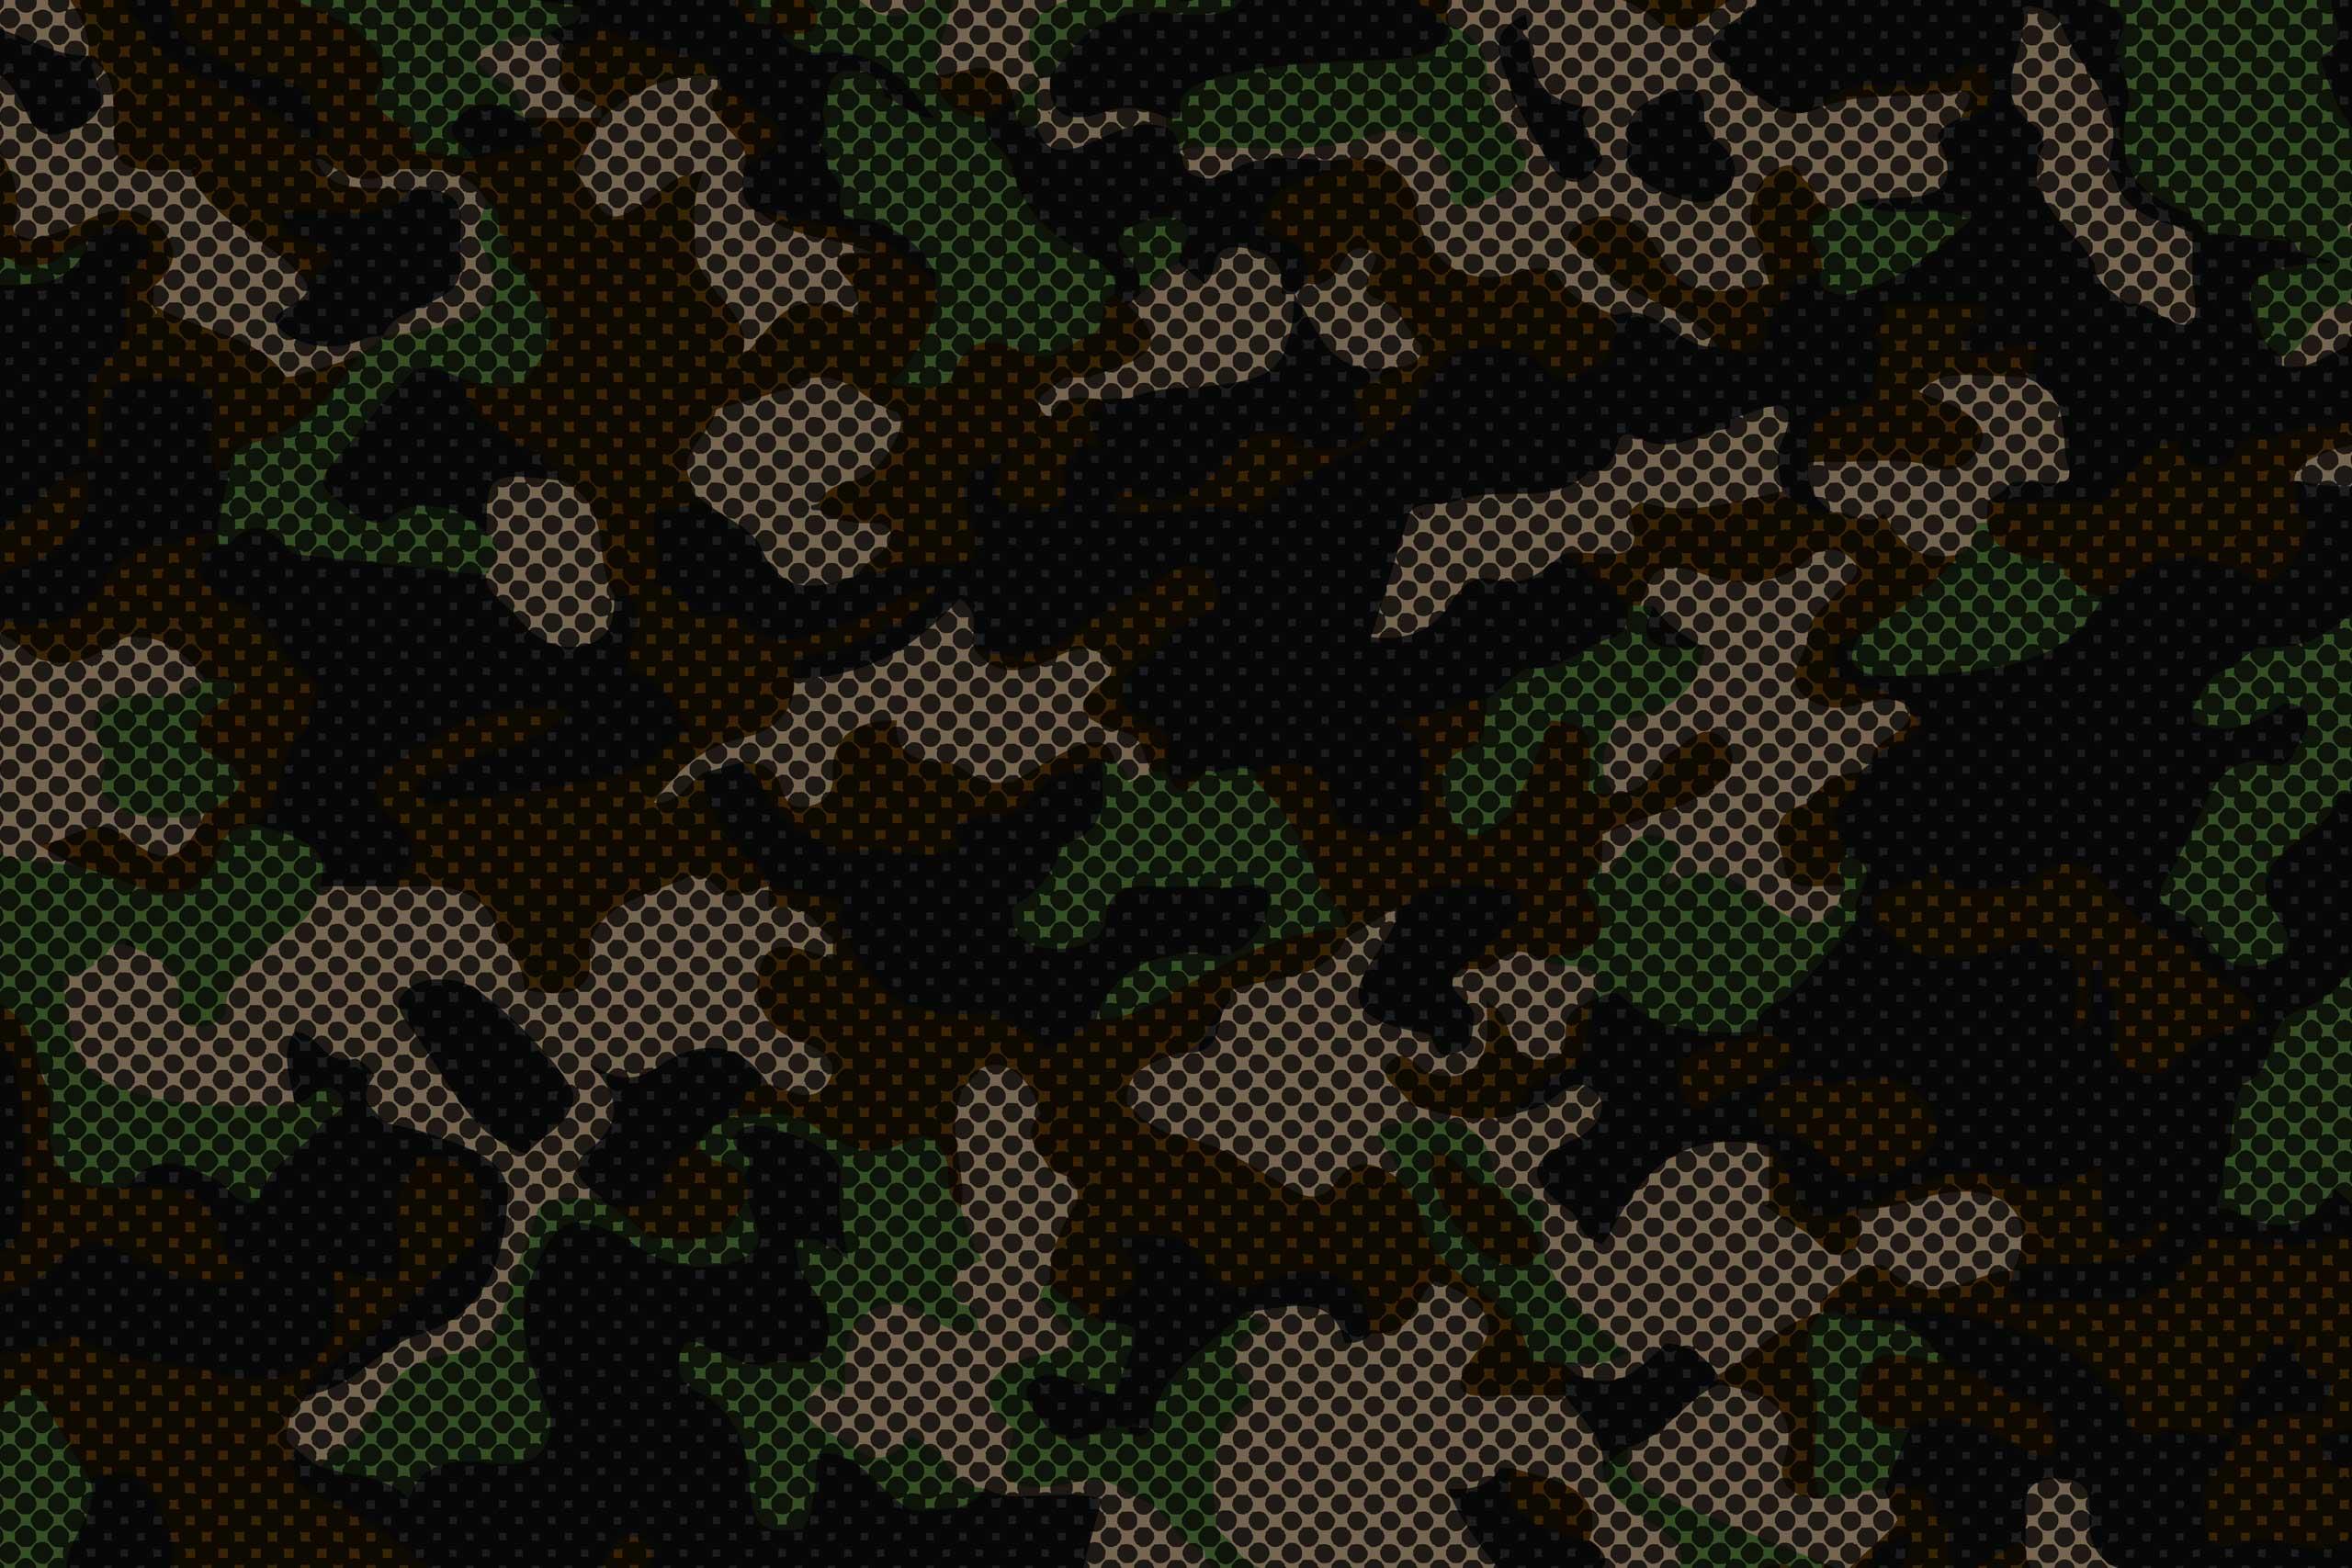 Военный фон серо-зелёного цвета в сетку.